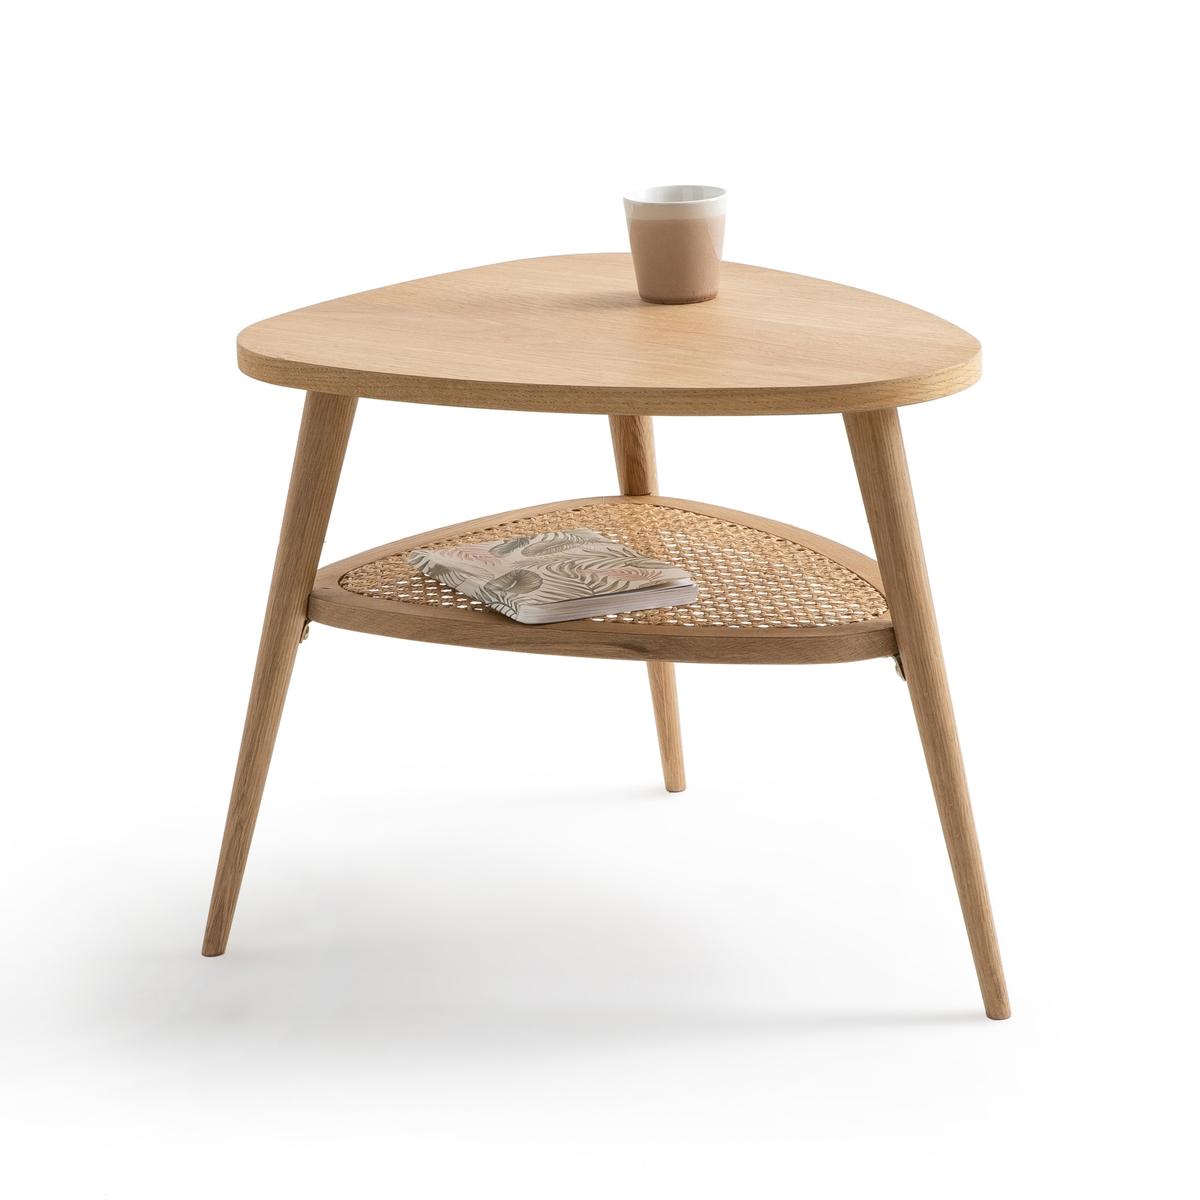 Столик La Redoute Прикроватный из дуба и плетеного ротанга с двойной столешницей Buisseau единый размер каштановый